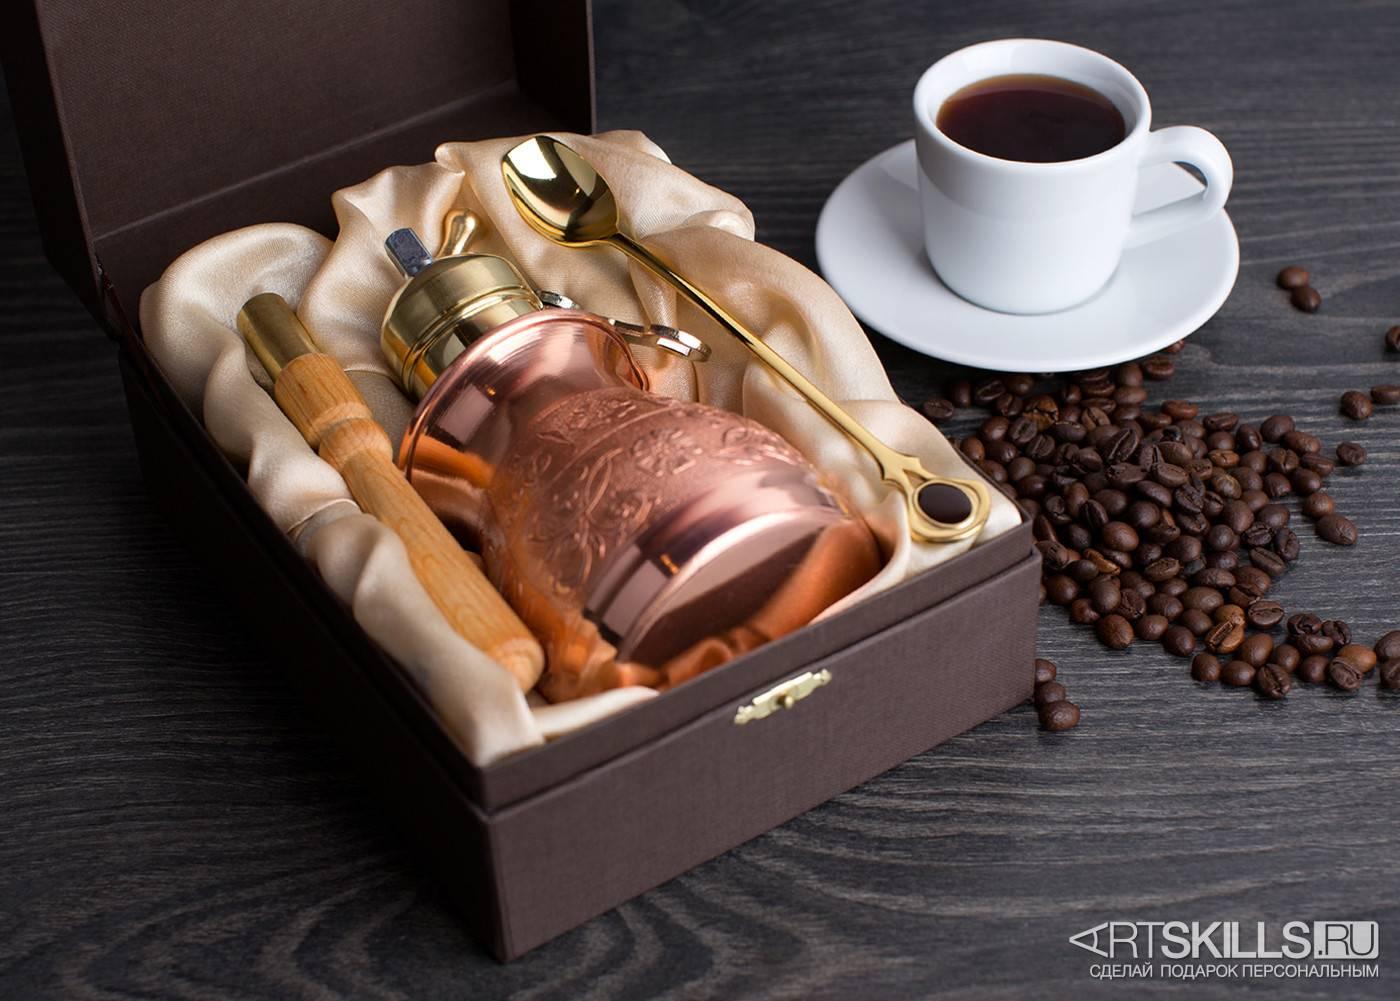 Что подарить любителю кофе – 25 идей подарков для кофемана